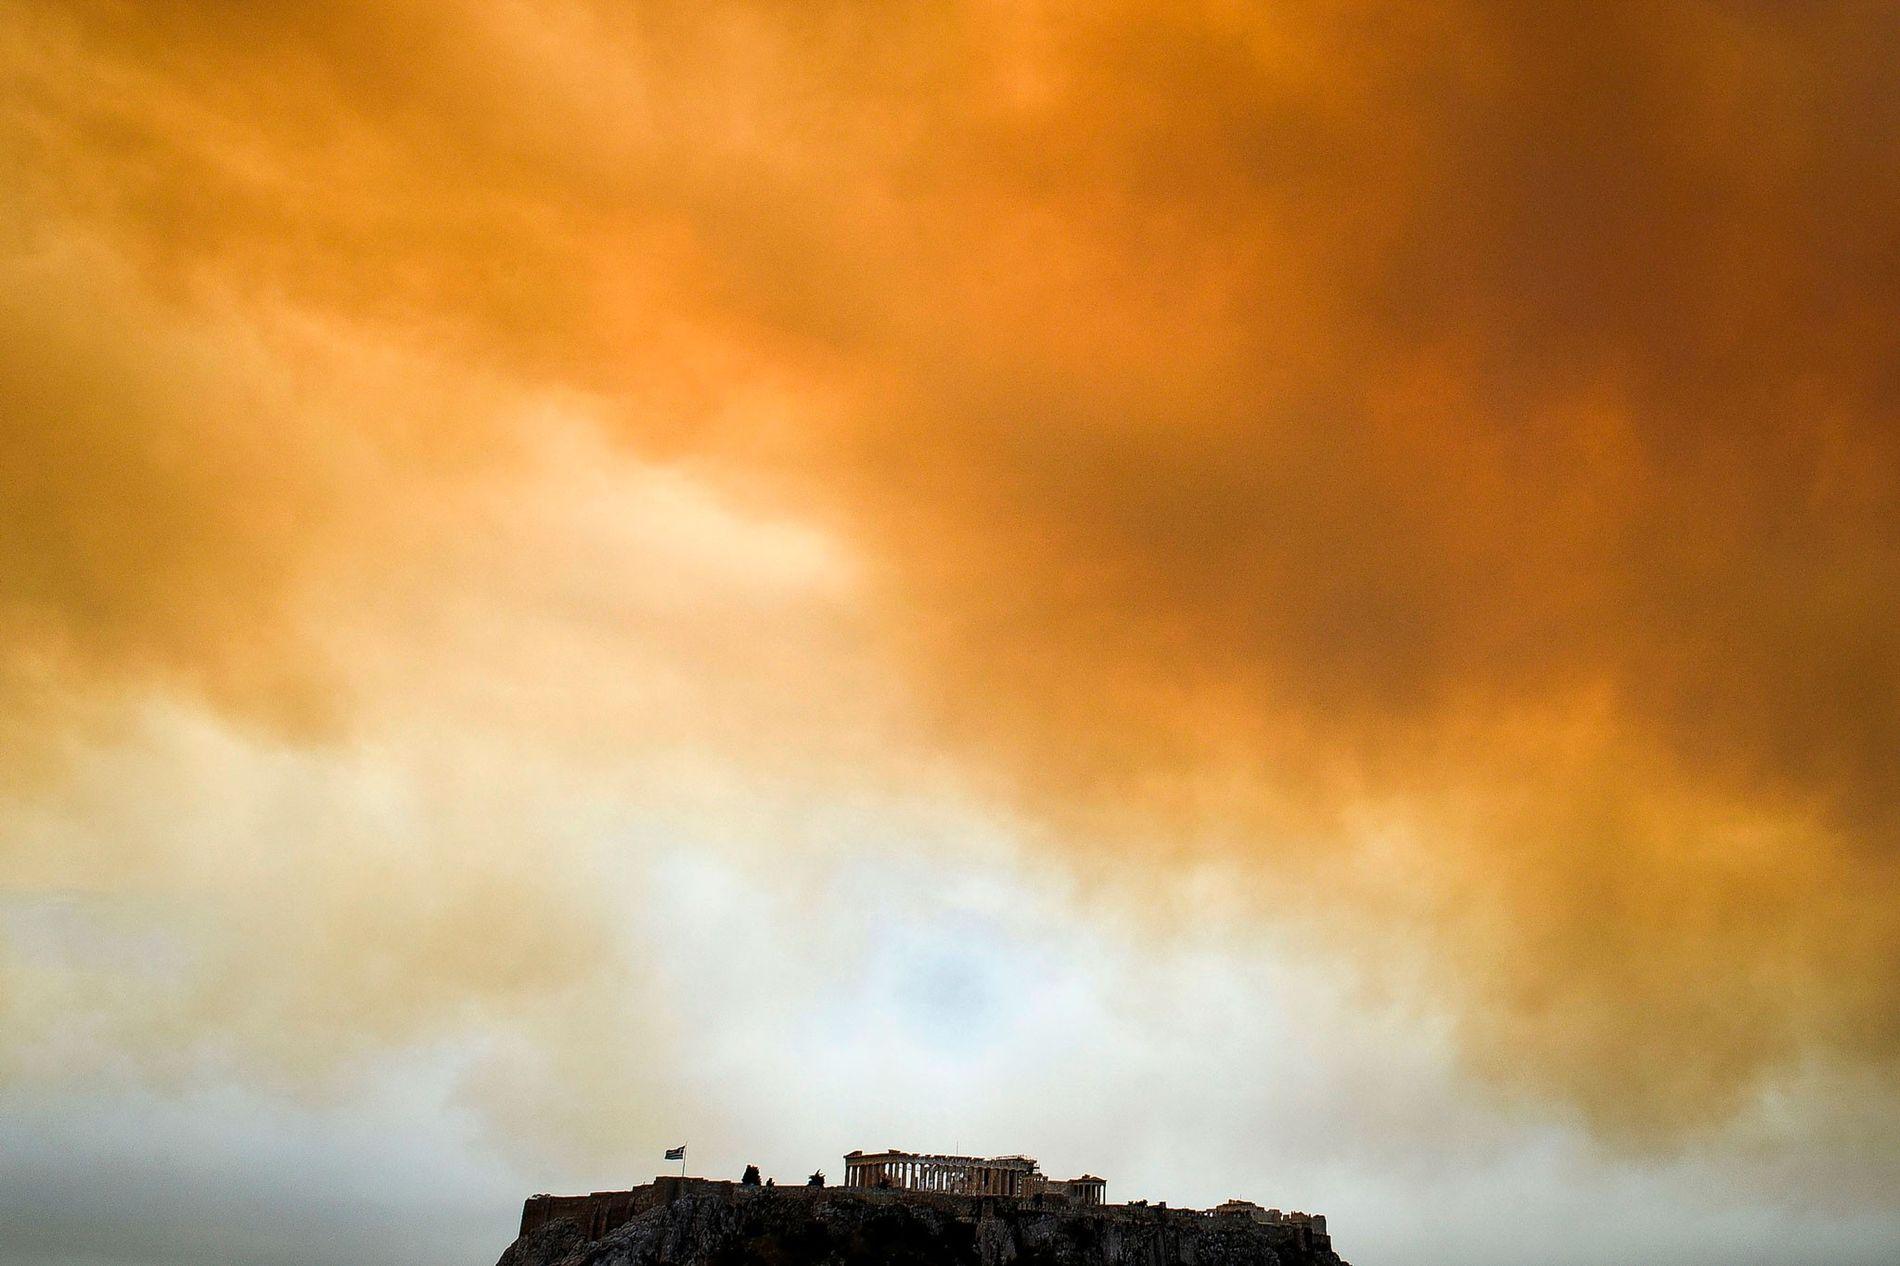 O Parthenon, o antigo templo da Acrópole em Atenas, na Grécia, eleva-se no horizonte, sobre um cenário de fumo proveniente de um incêndio em Kineta, perto de Atenas.